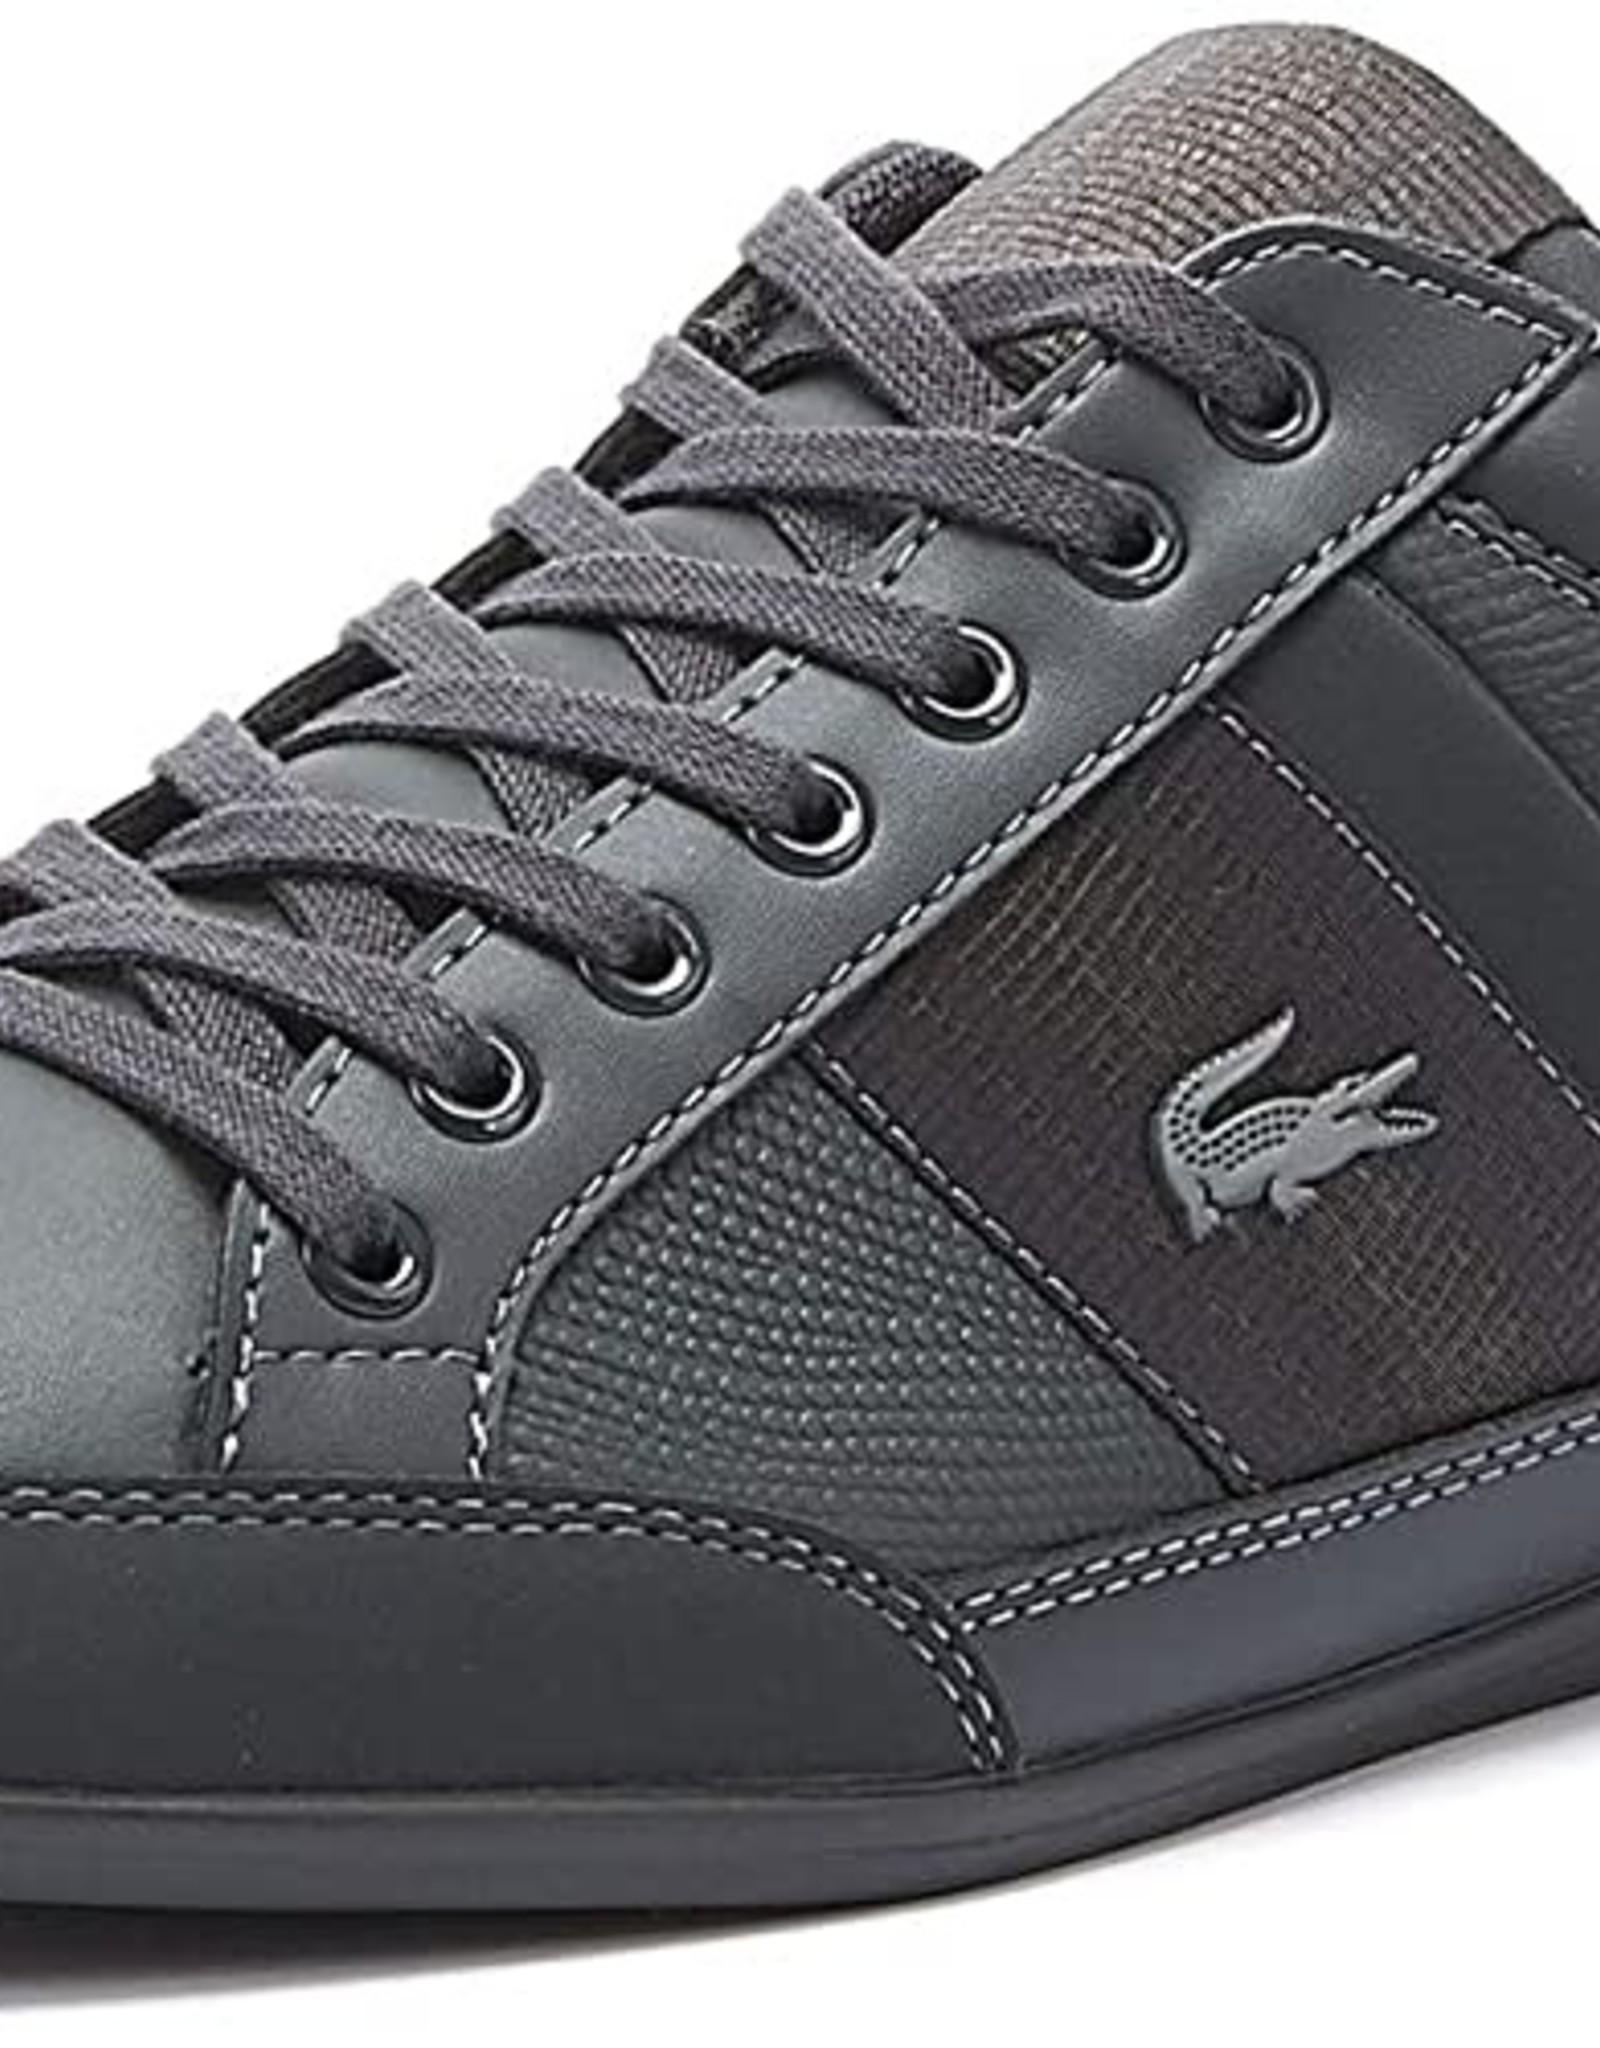 Lacoste Lacoste Chaymon Shoe